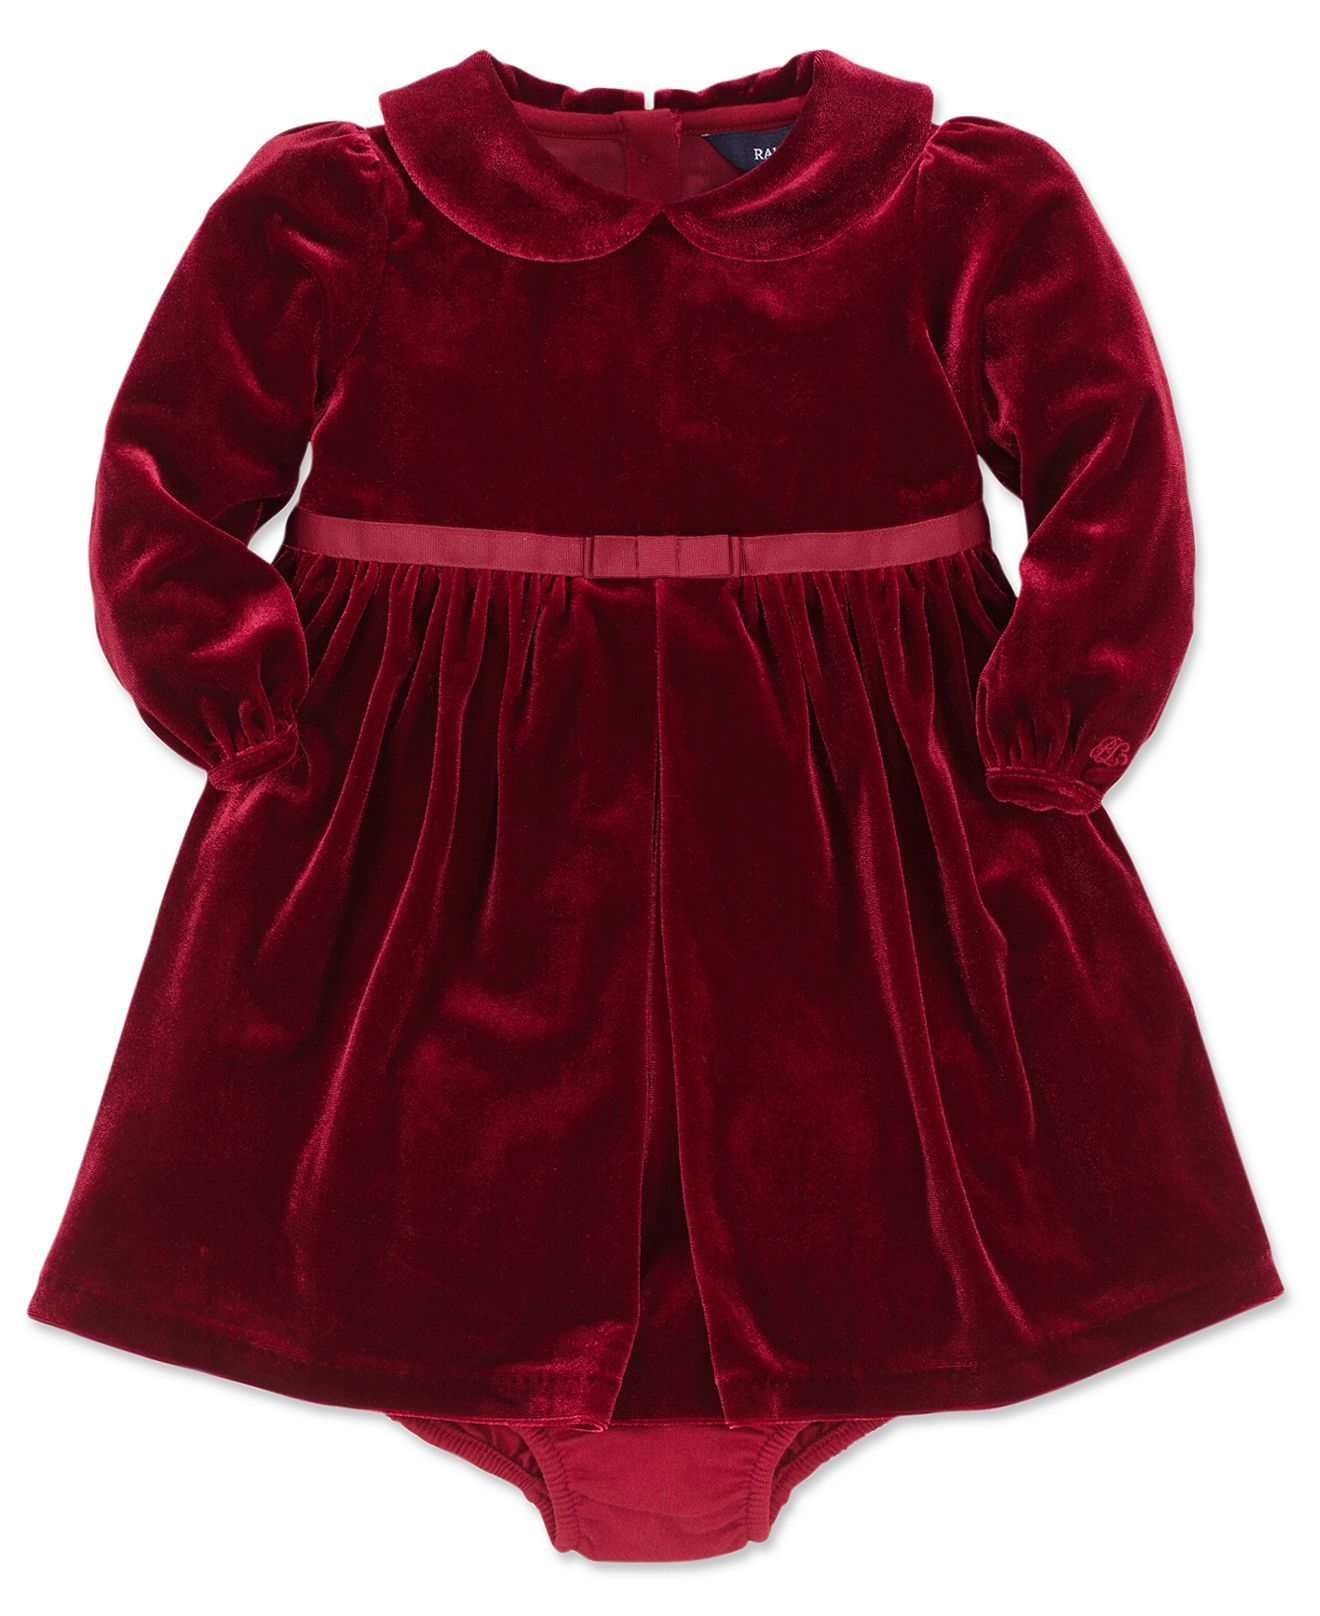 f9e4038e8 Ralph Lauren Baby Girls Dress